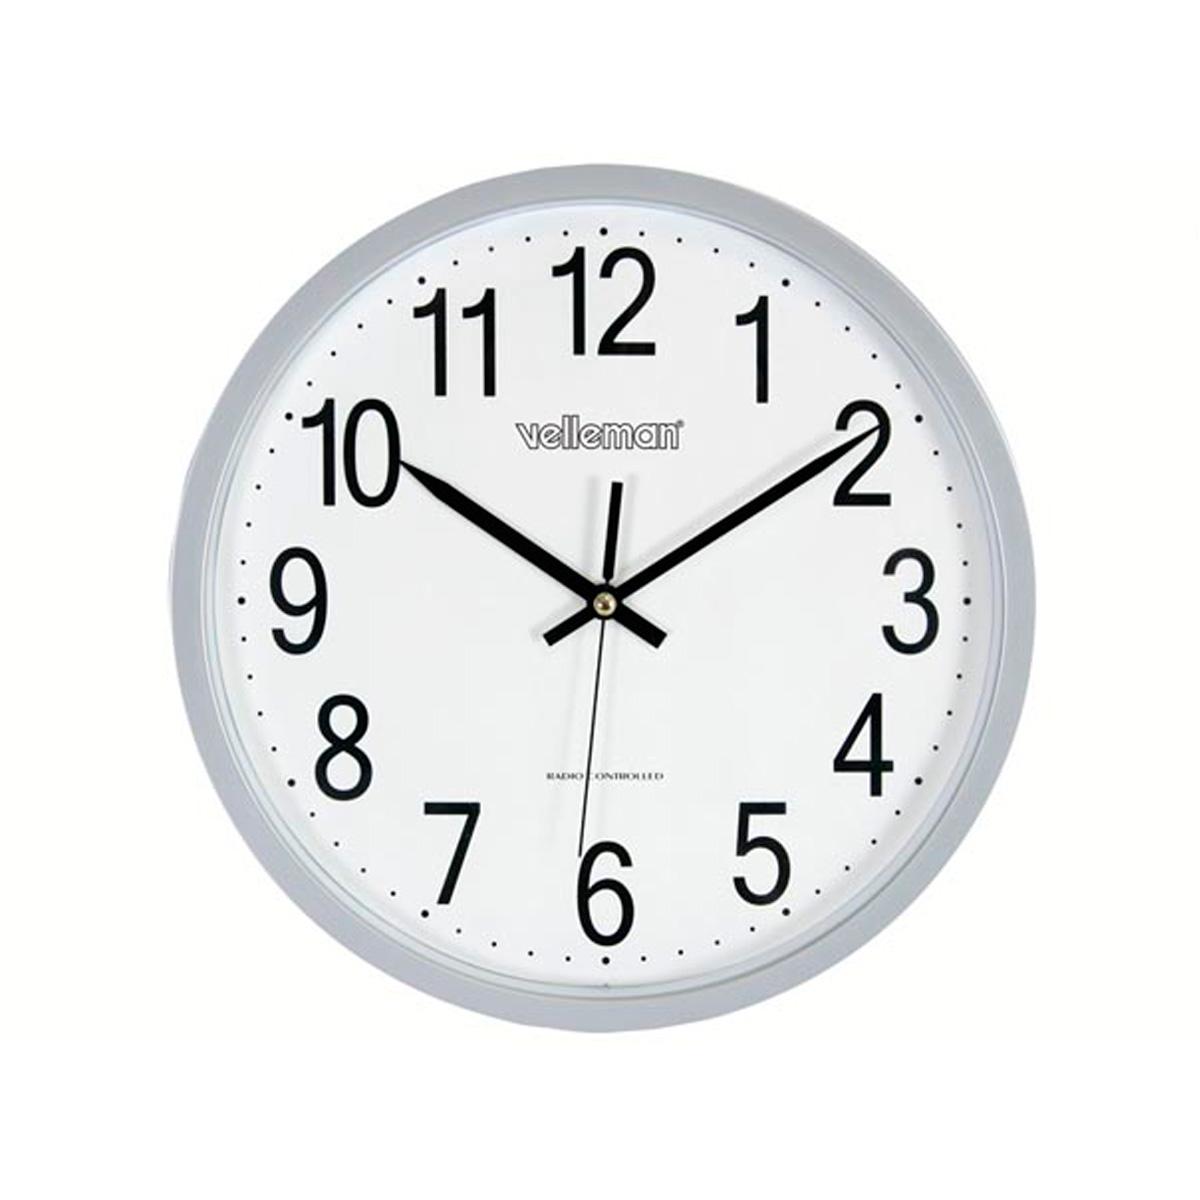 Reloj de pared dcf 30cm - Reloj pintado en la pared ...